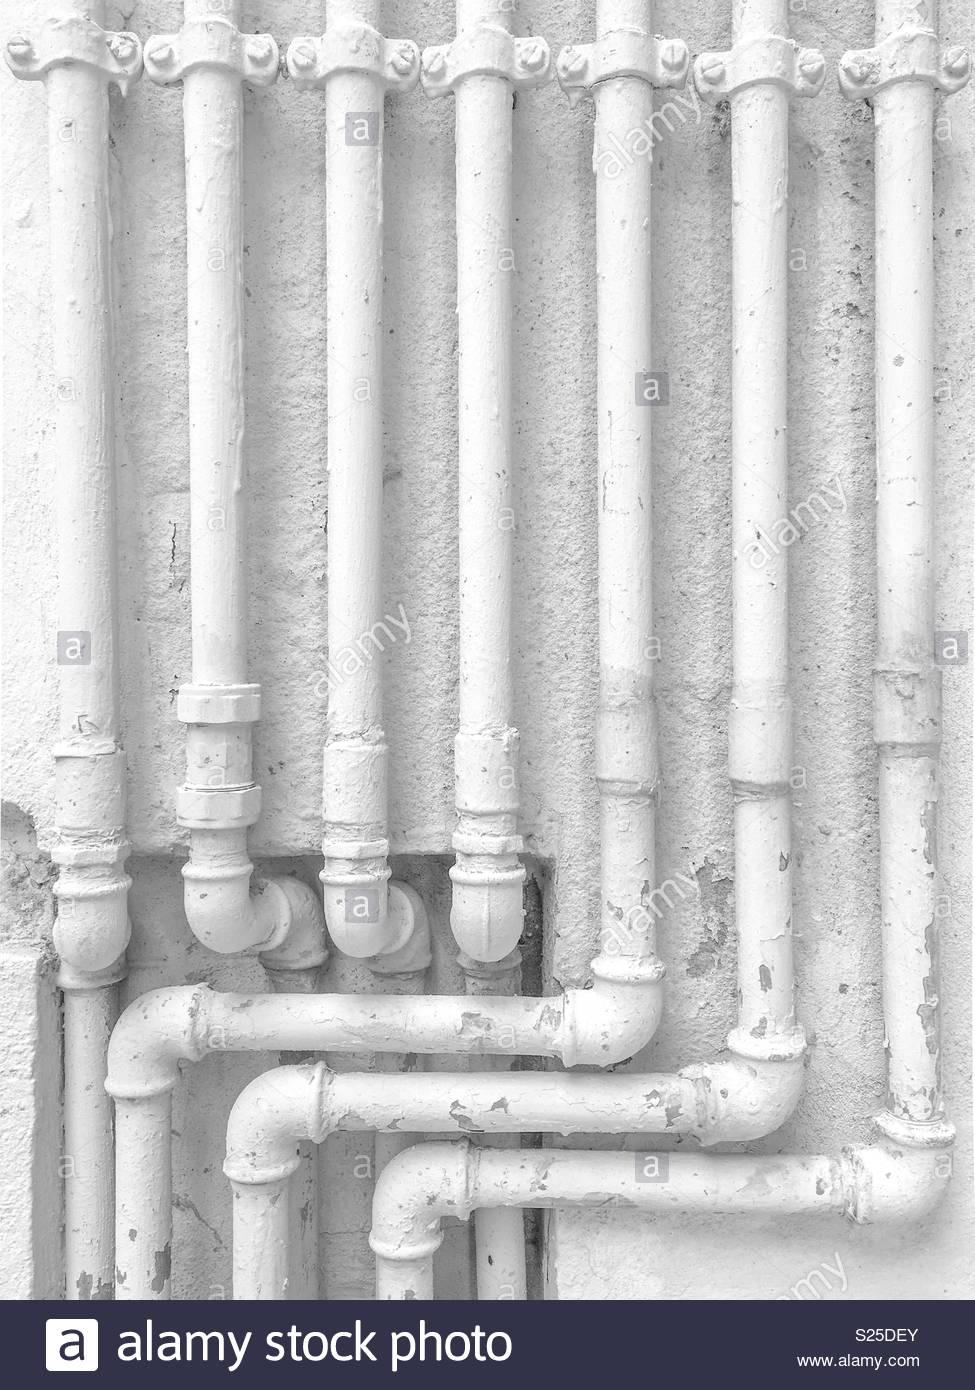 Rodada en blanco y negro de algunos viejos tubos Imagen De Stock